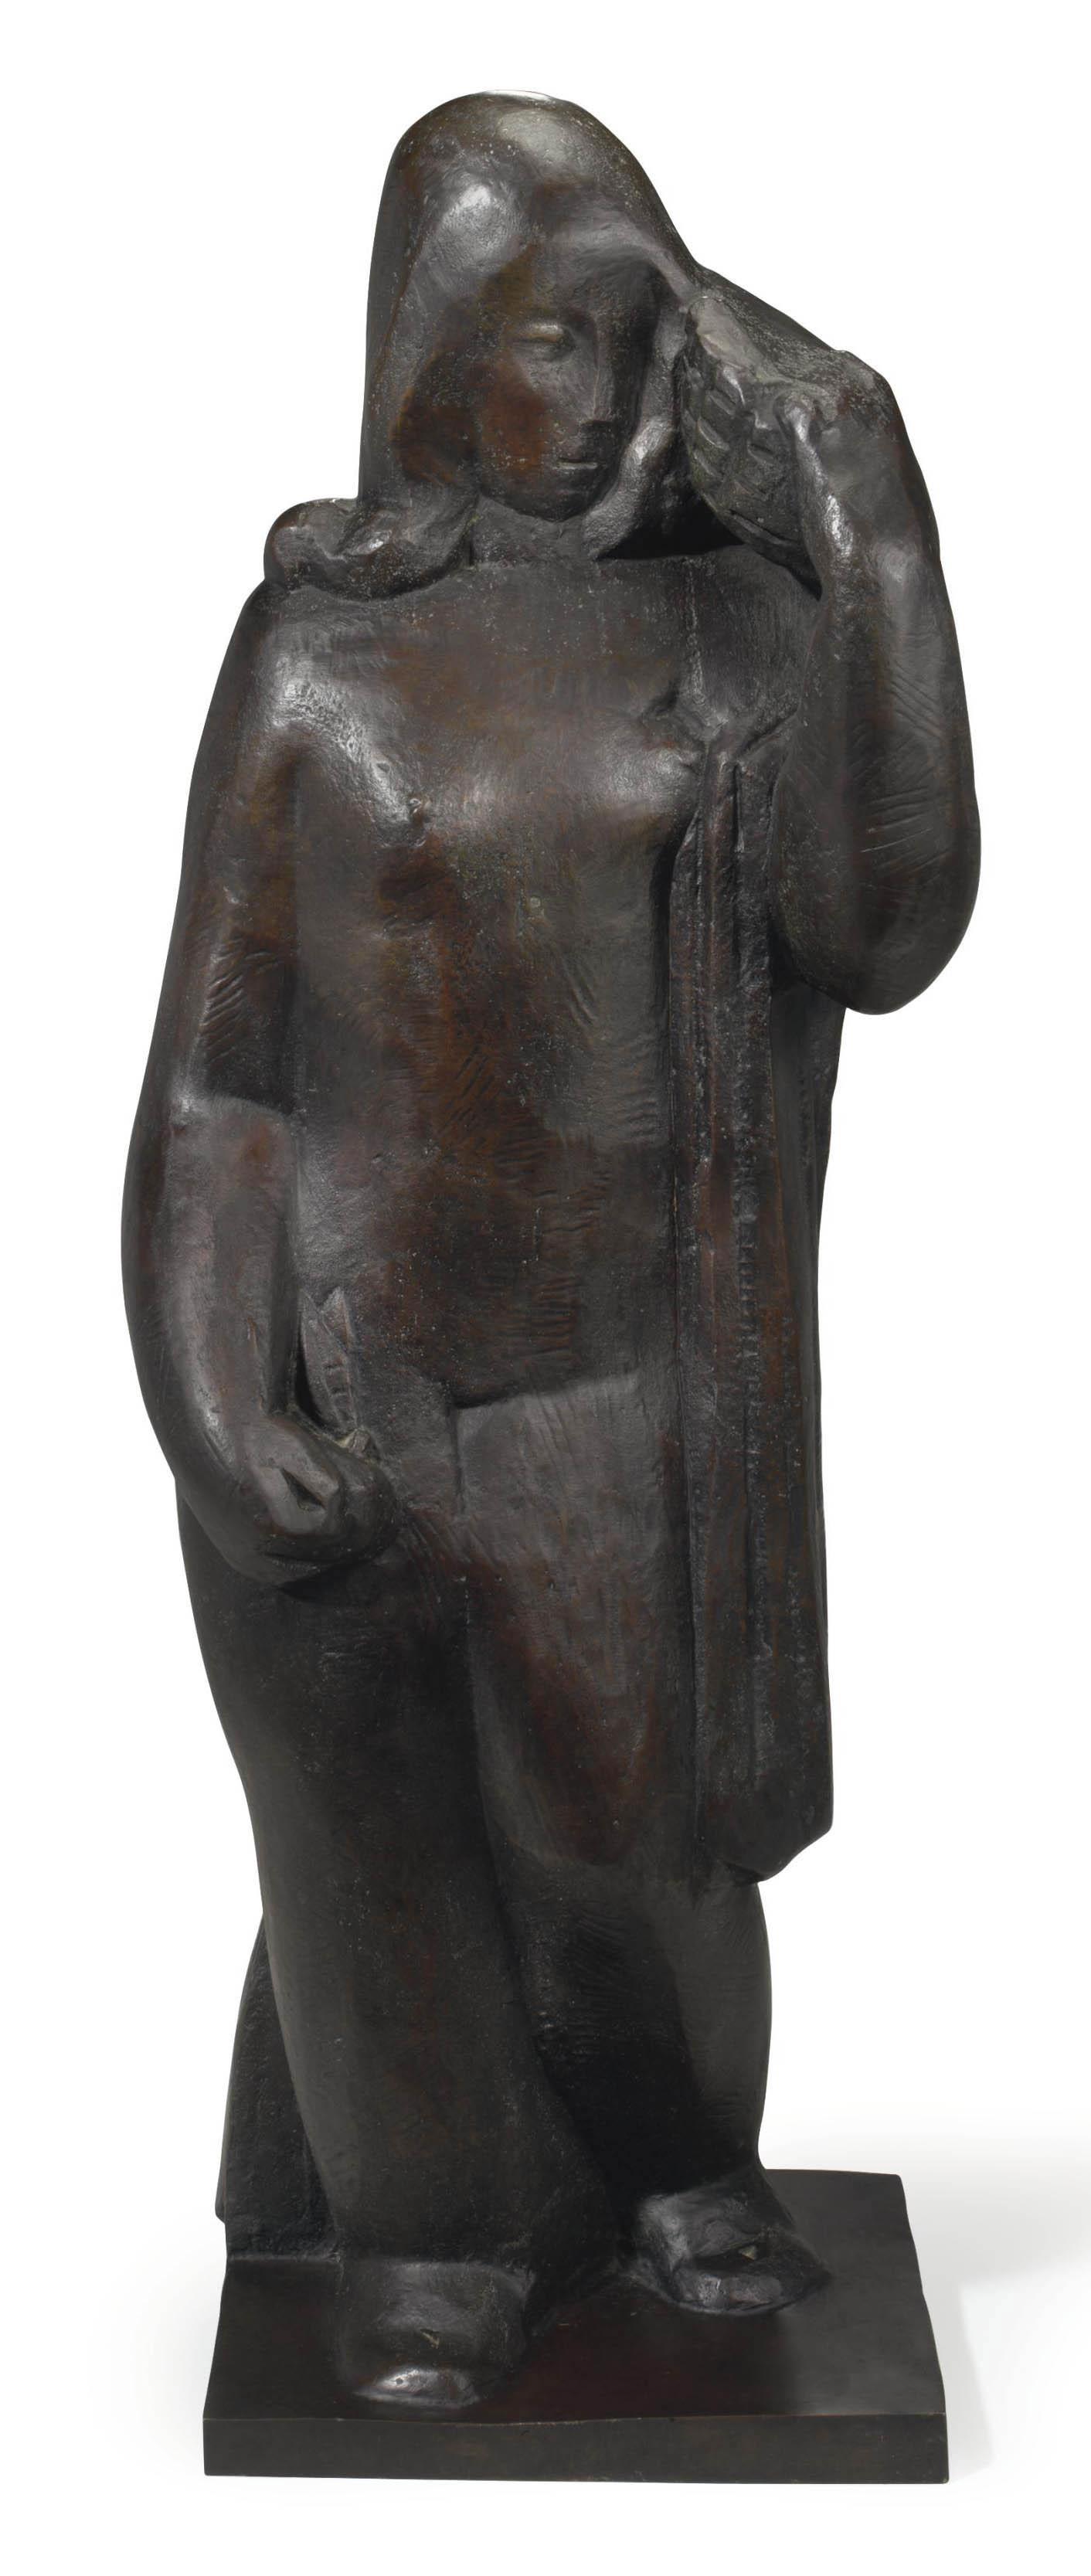 Femme au panier sur l'épaule or Femme nue au panier